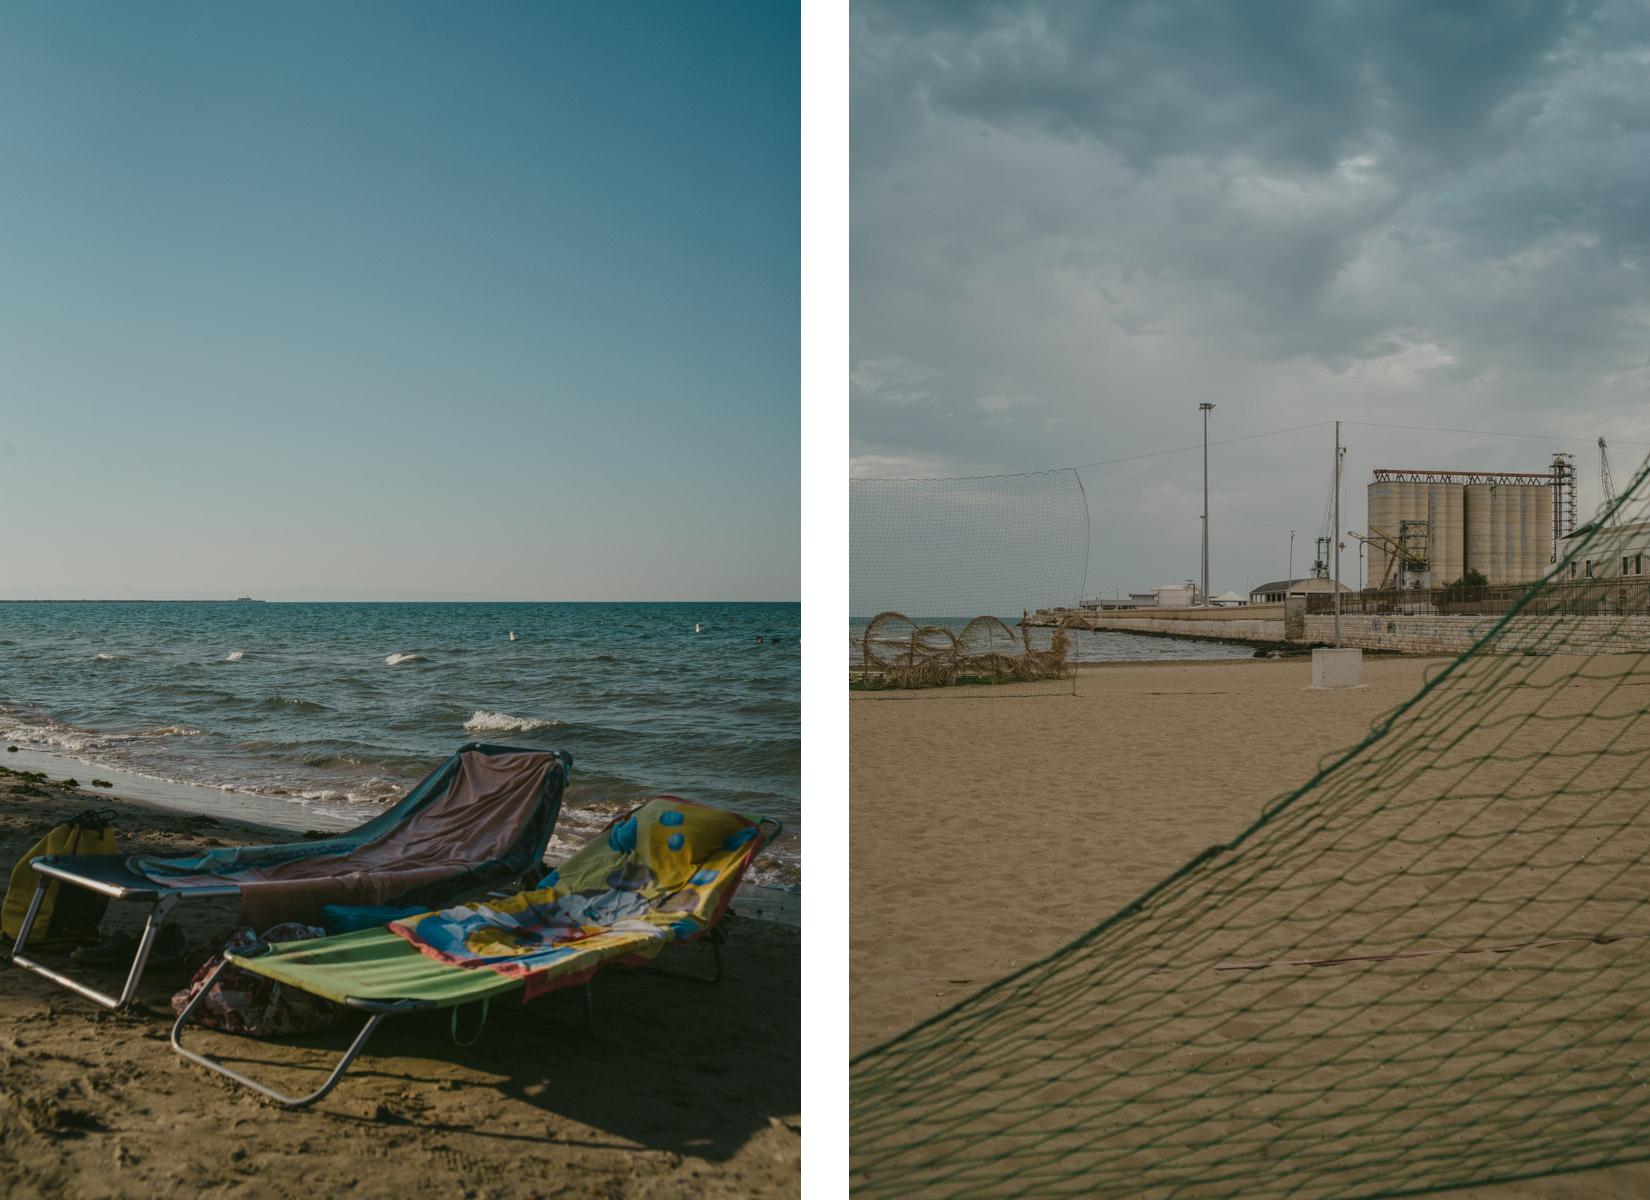 Un dittico con delle sdraio sulla spiaggia a Barletta e una rete - a diptych of images taken on a solitary beach in barletta with beach chairs and a net